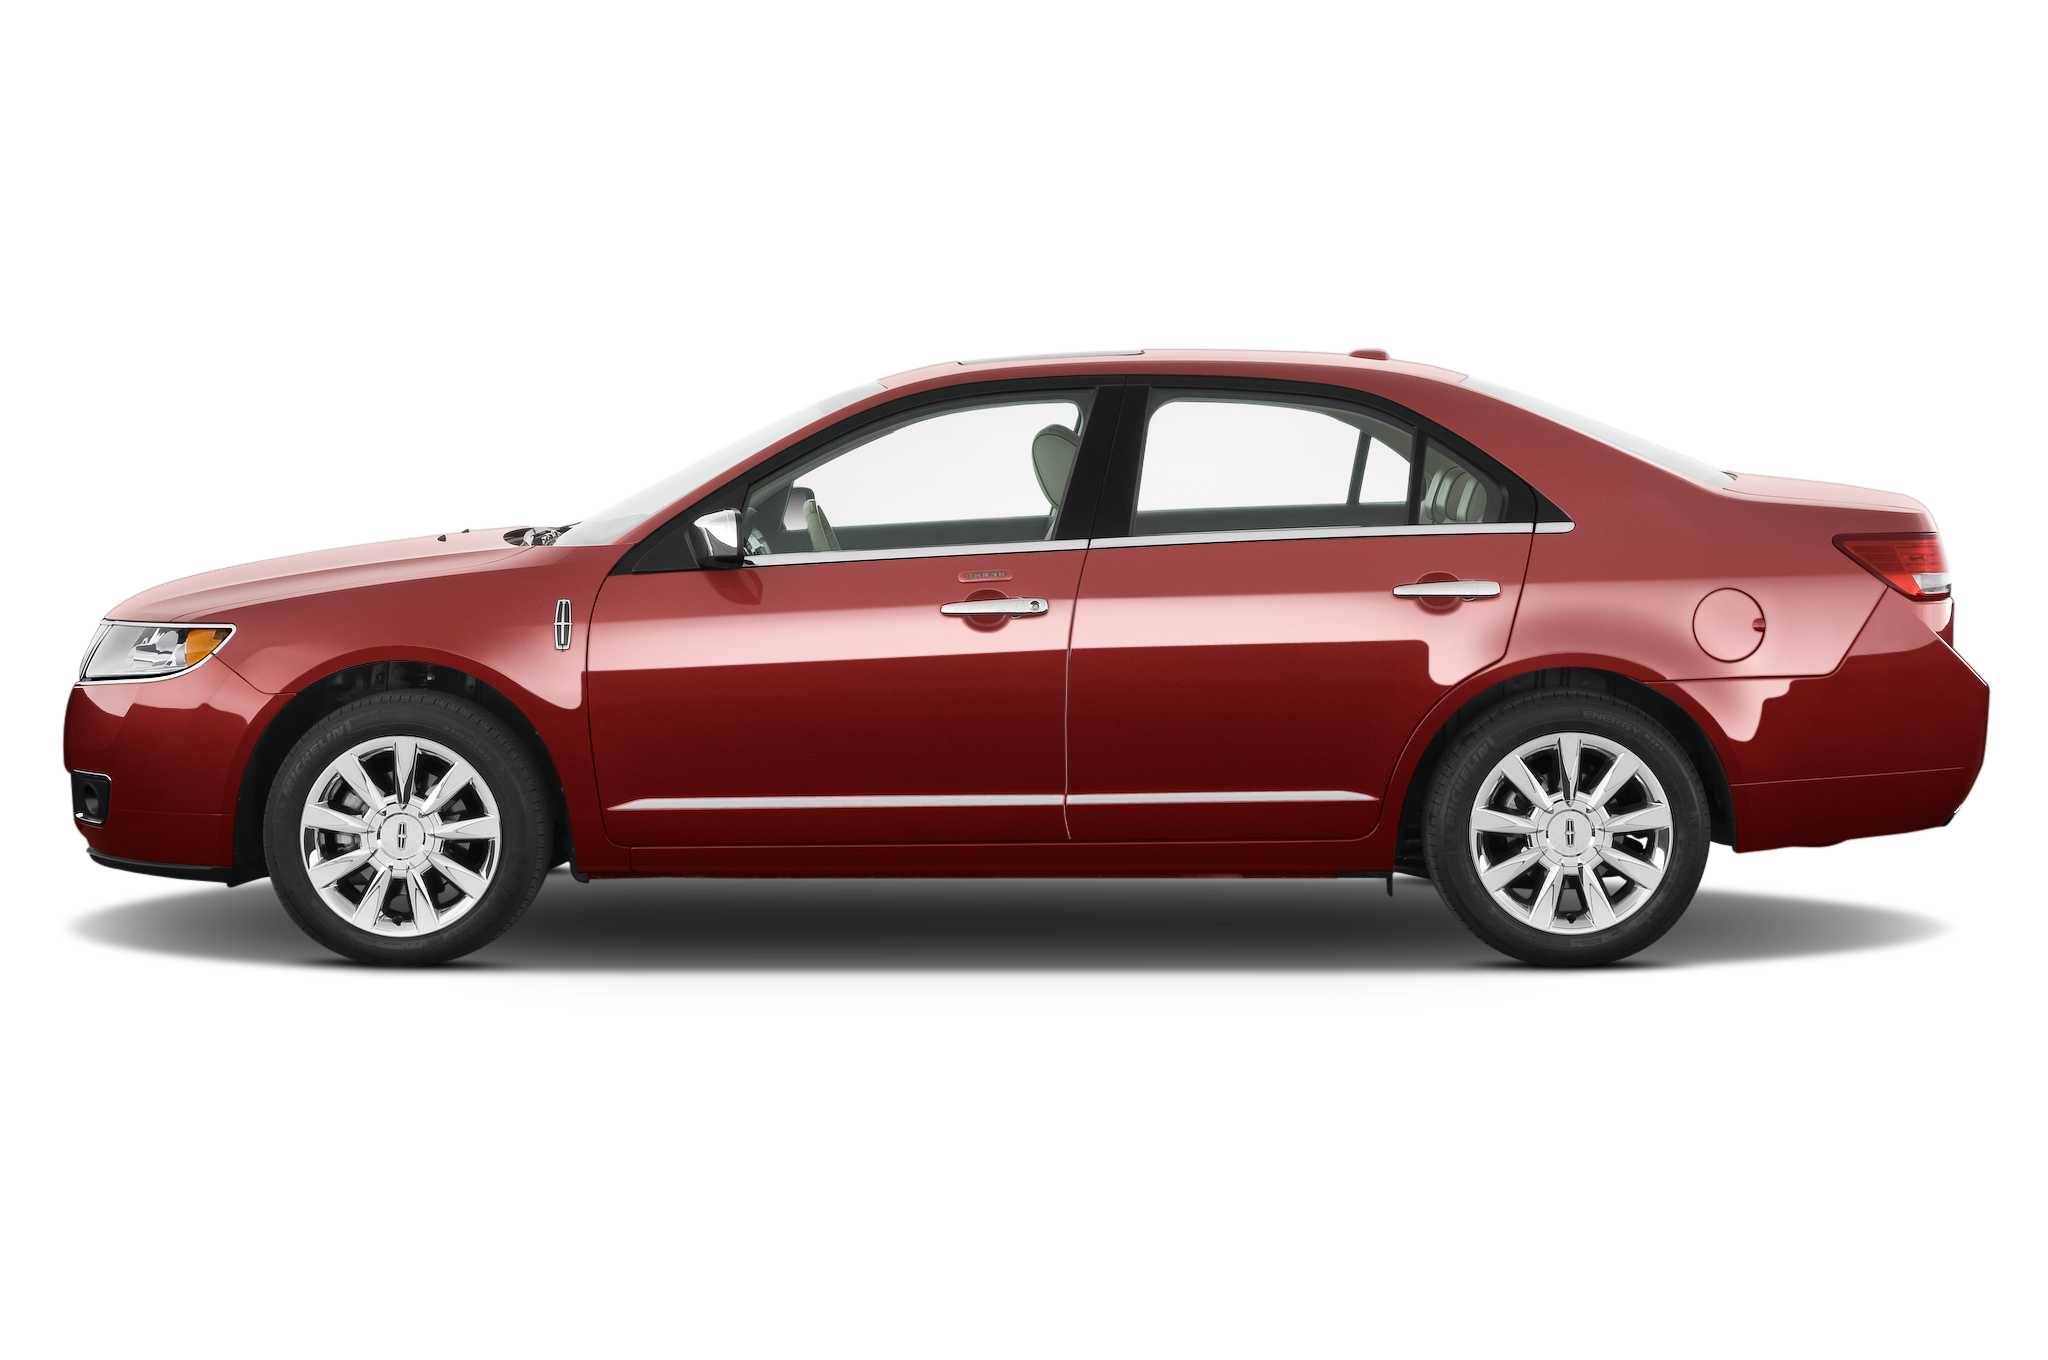 Lincoln MKZ I (Zephyr) Restyling 2009 - 2012 Sedan #2